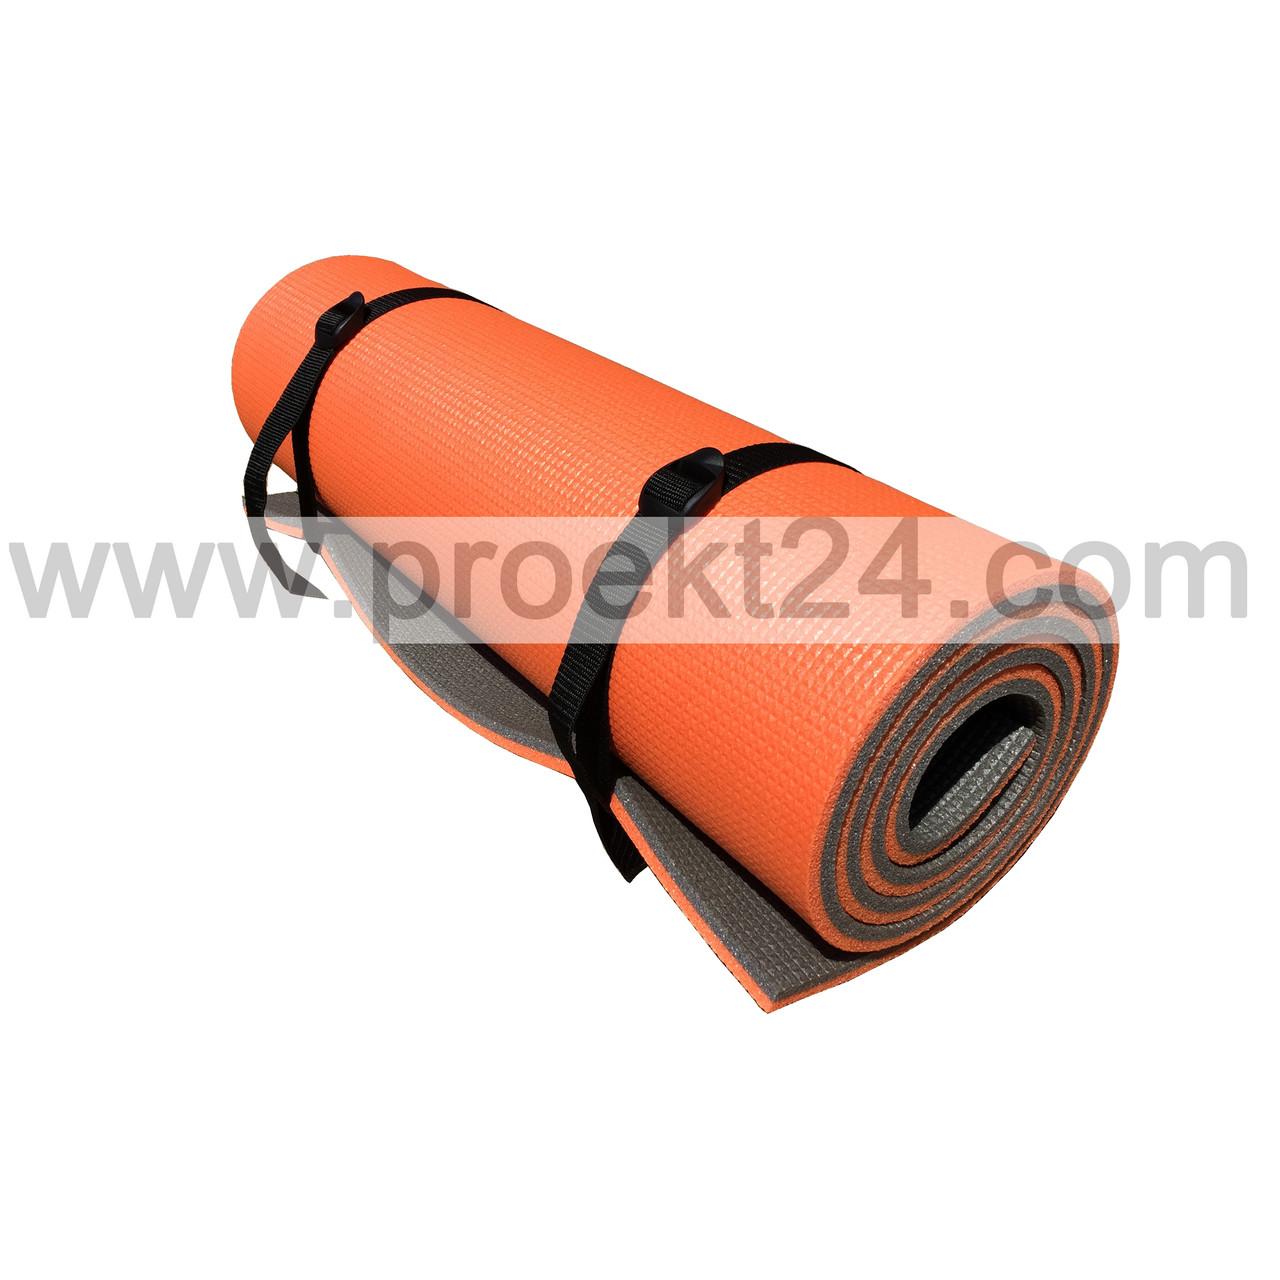 Коврик для фитнеса К-12 оранжево-серый 12 мм